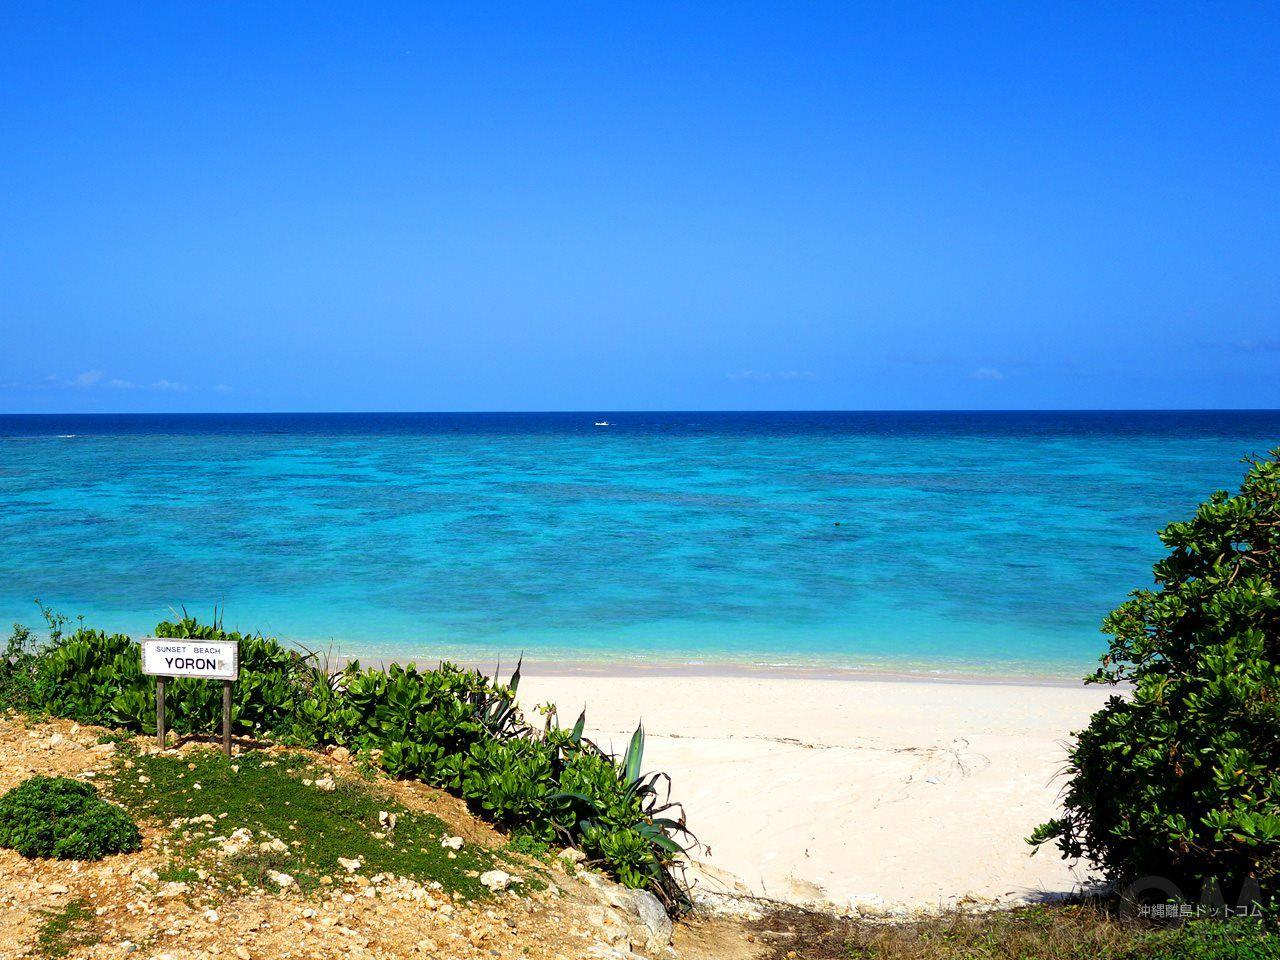 鹿児島の海が息をのむほど綺麗!海水浴に人気!穴場の海岸はココ!